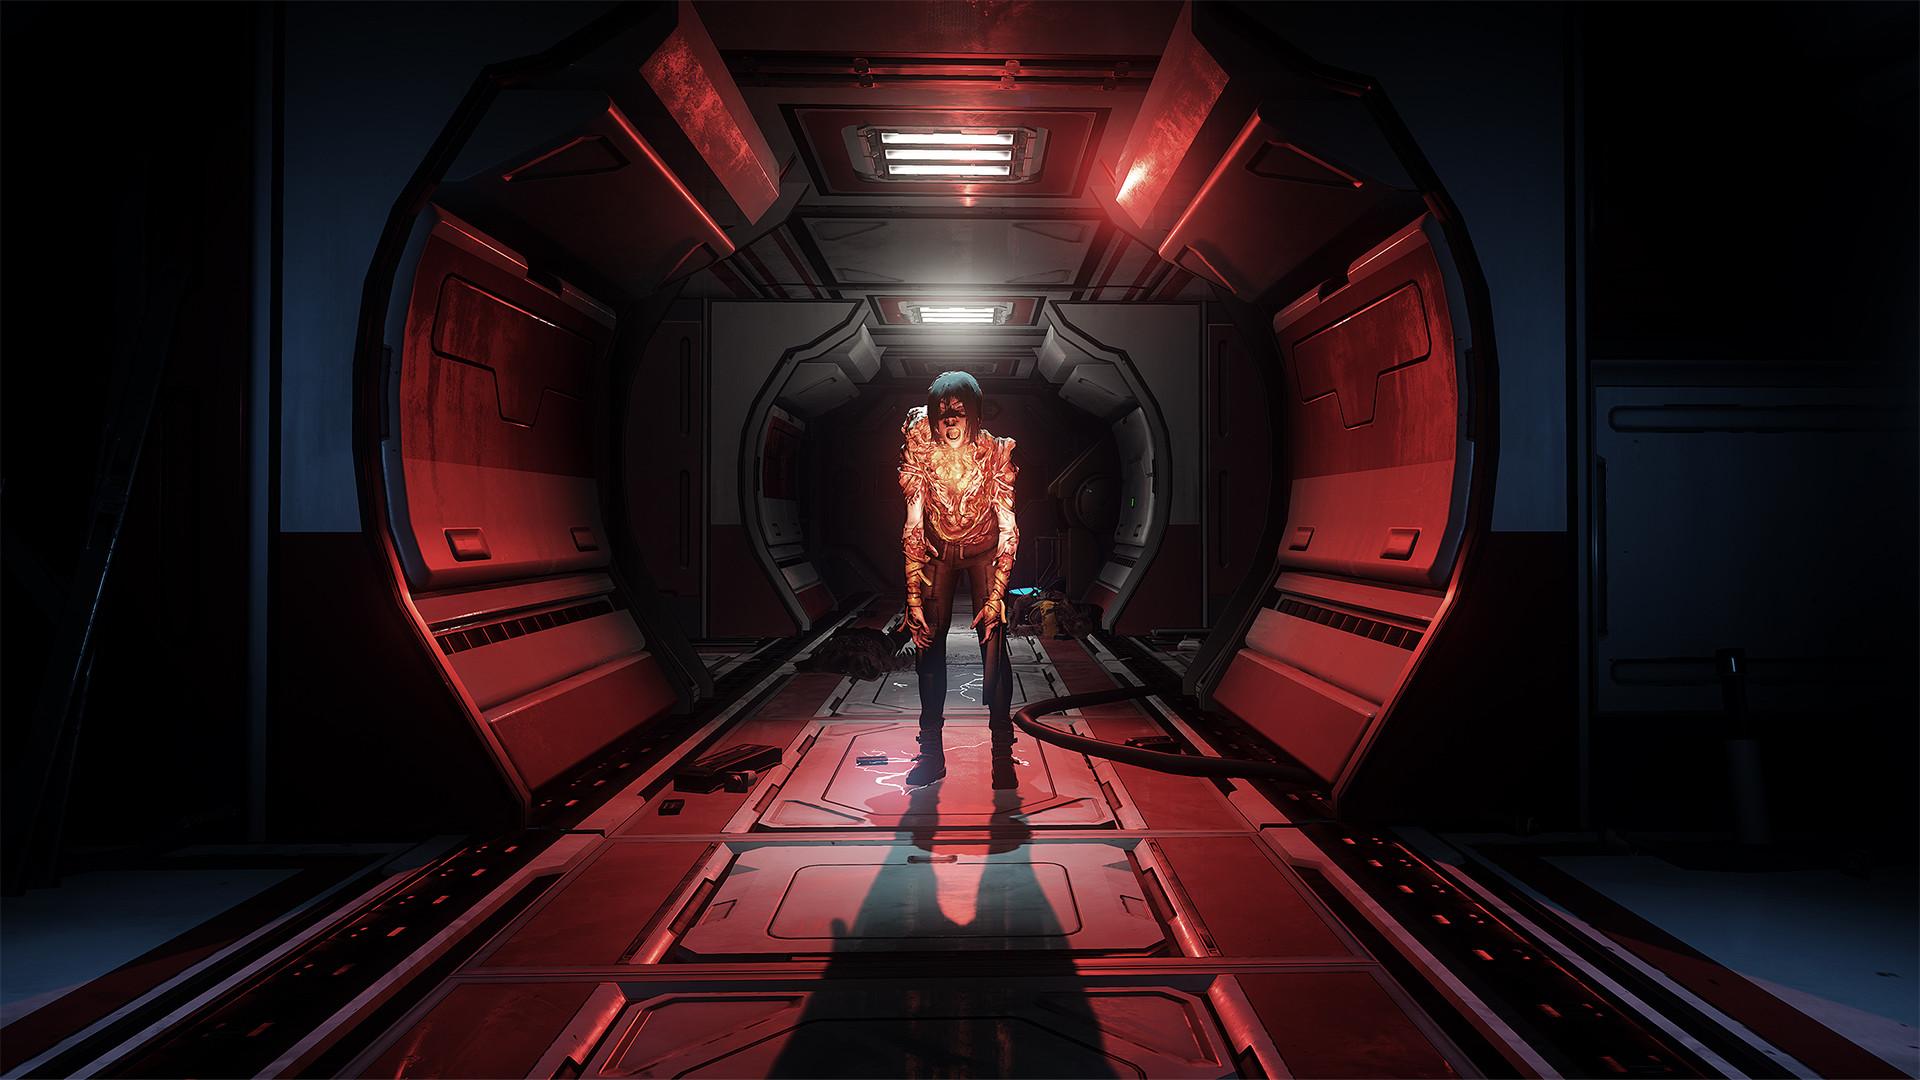 Научно-фантастический VR-хоррор The Persistence привезут на E3 2018